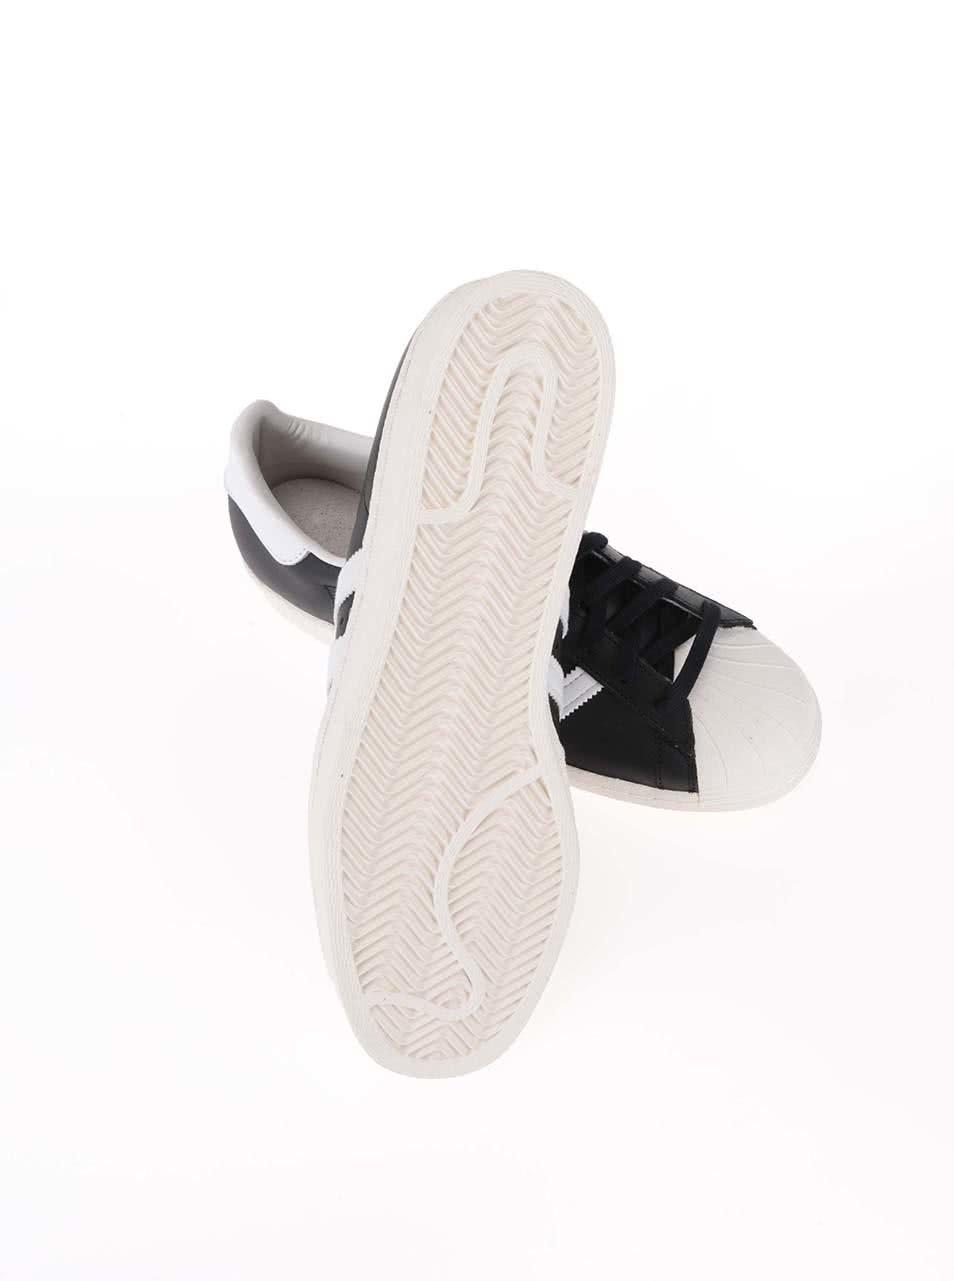 Bielo-čierne pánske kožené tenisky adidas Originals Superstar 80s ... 8b47ddbdd34